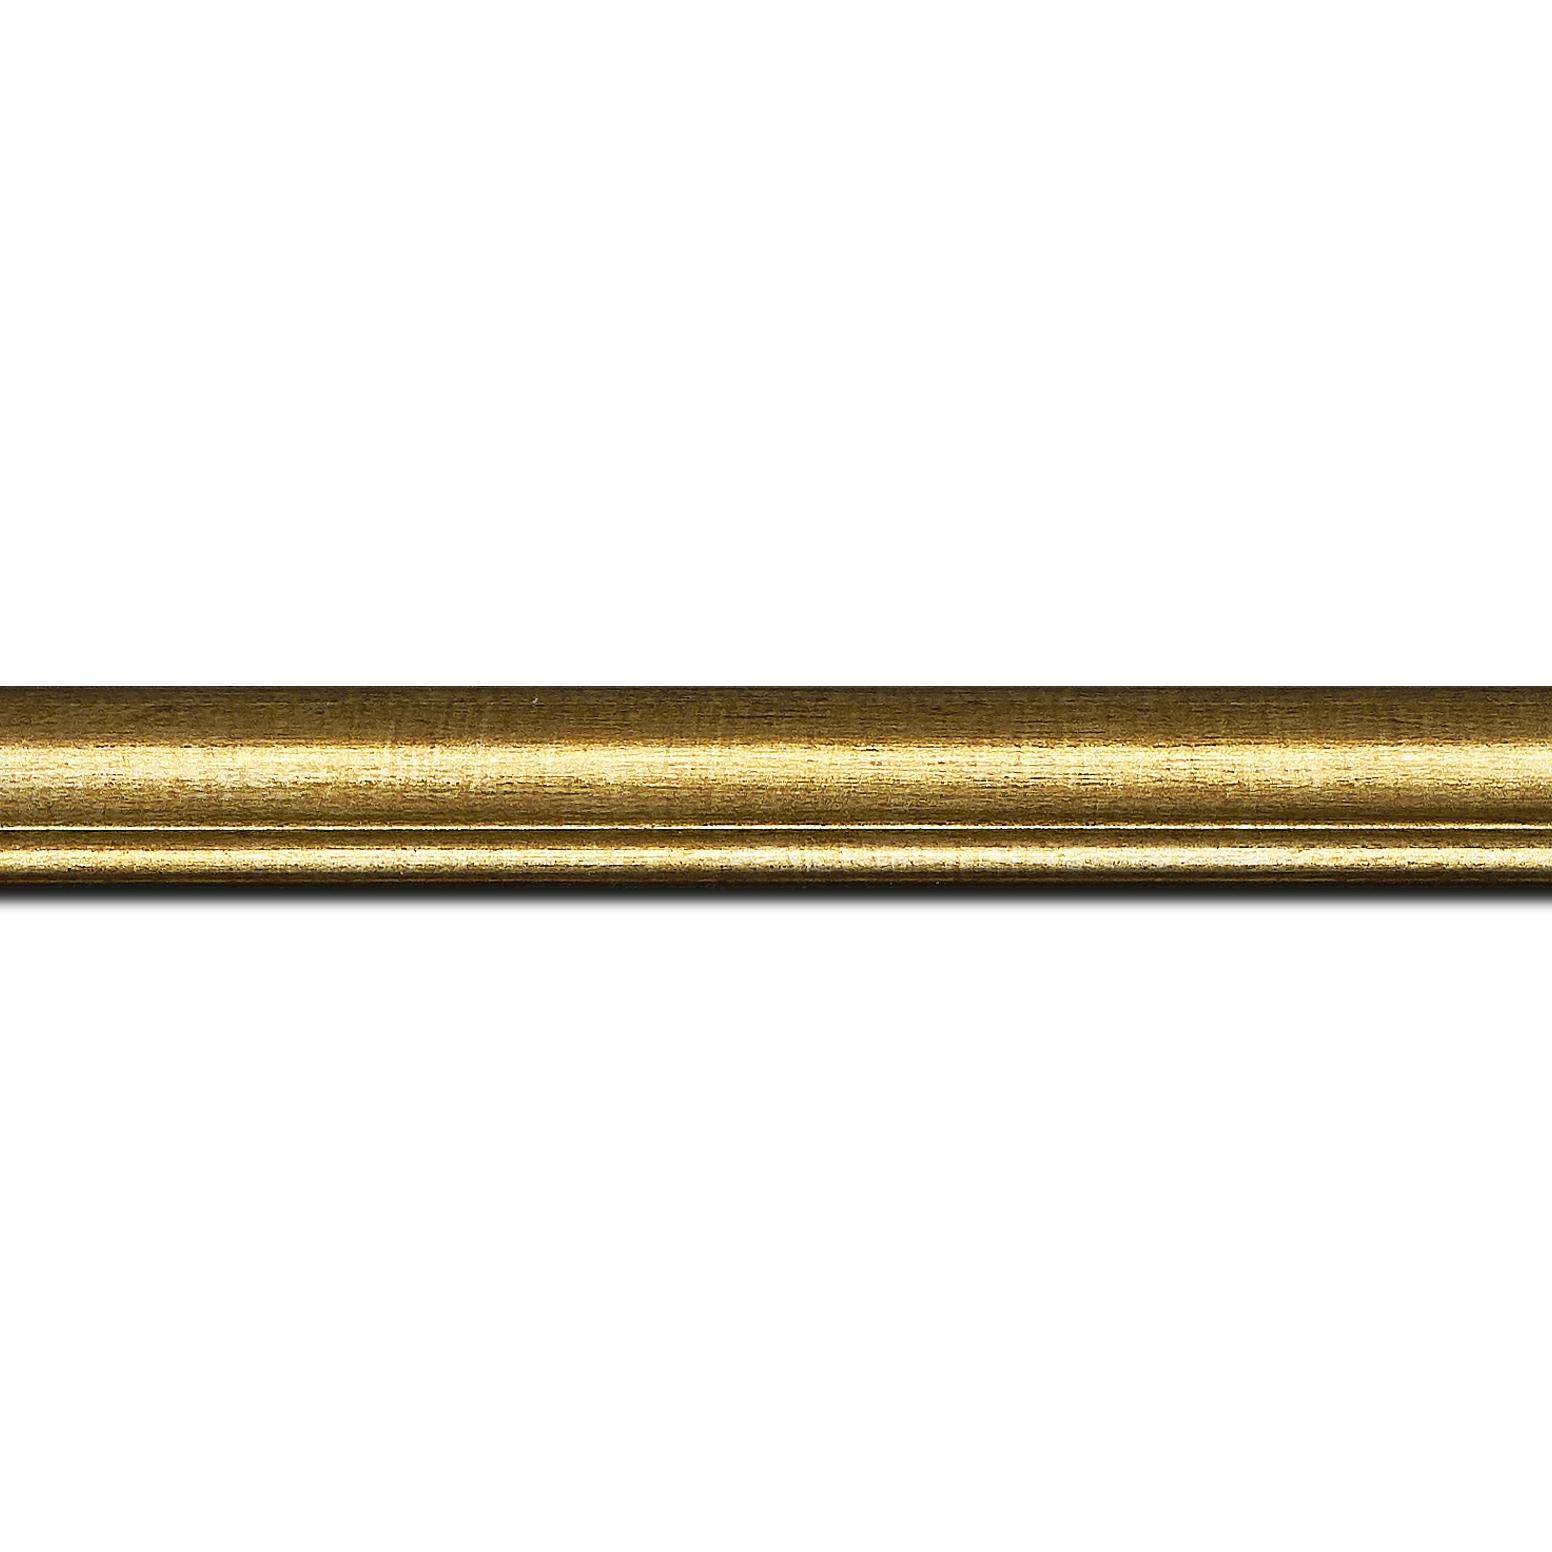 Pack par 12m, bois profil arrondi largeur 2.1cm couleur or filet or (longueur baguette pouvant varier entre 2.40m et 3m selon arrivage des bois)